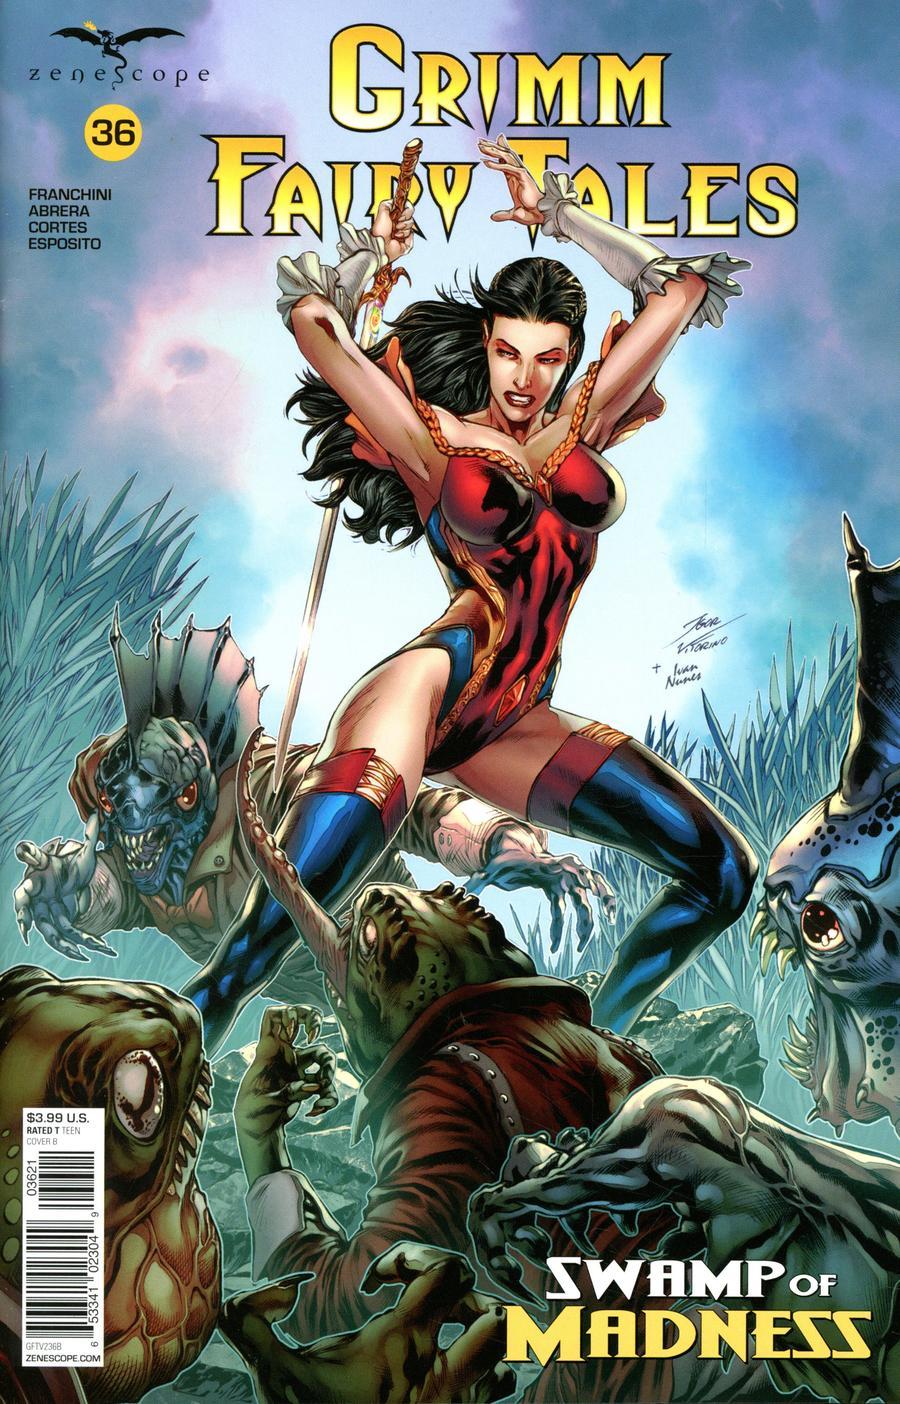 Grimm Fairy Tales Vol 2 #36 Cover B Igor Vitorino